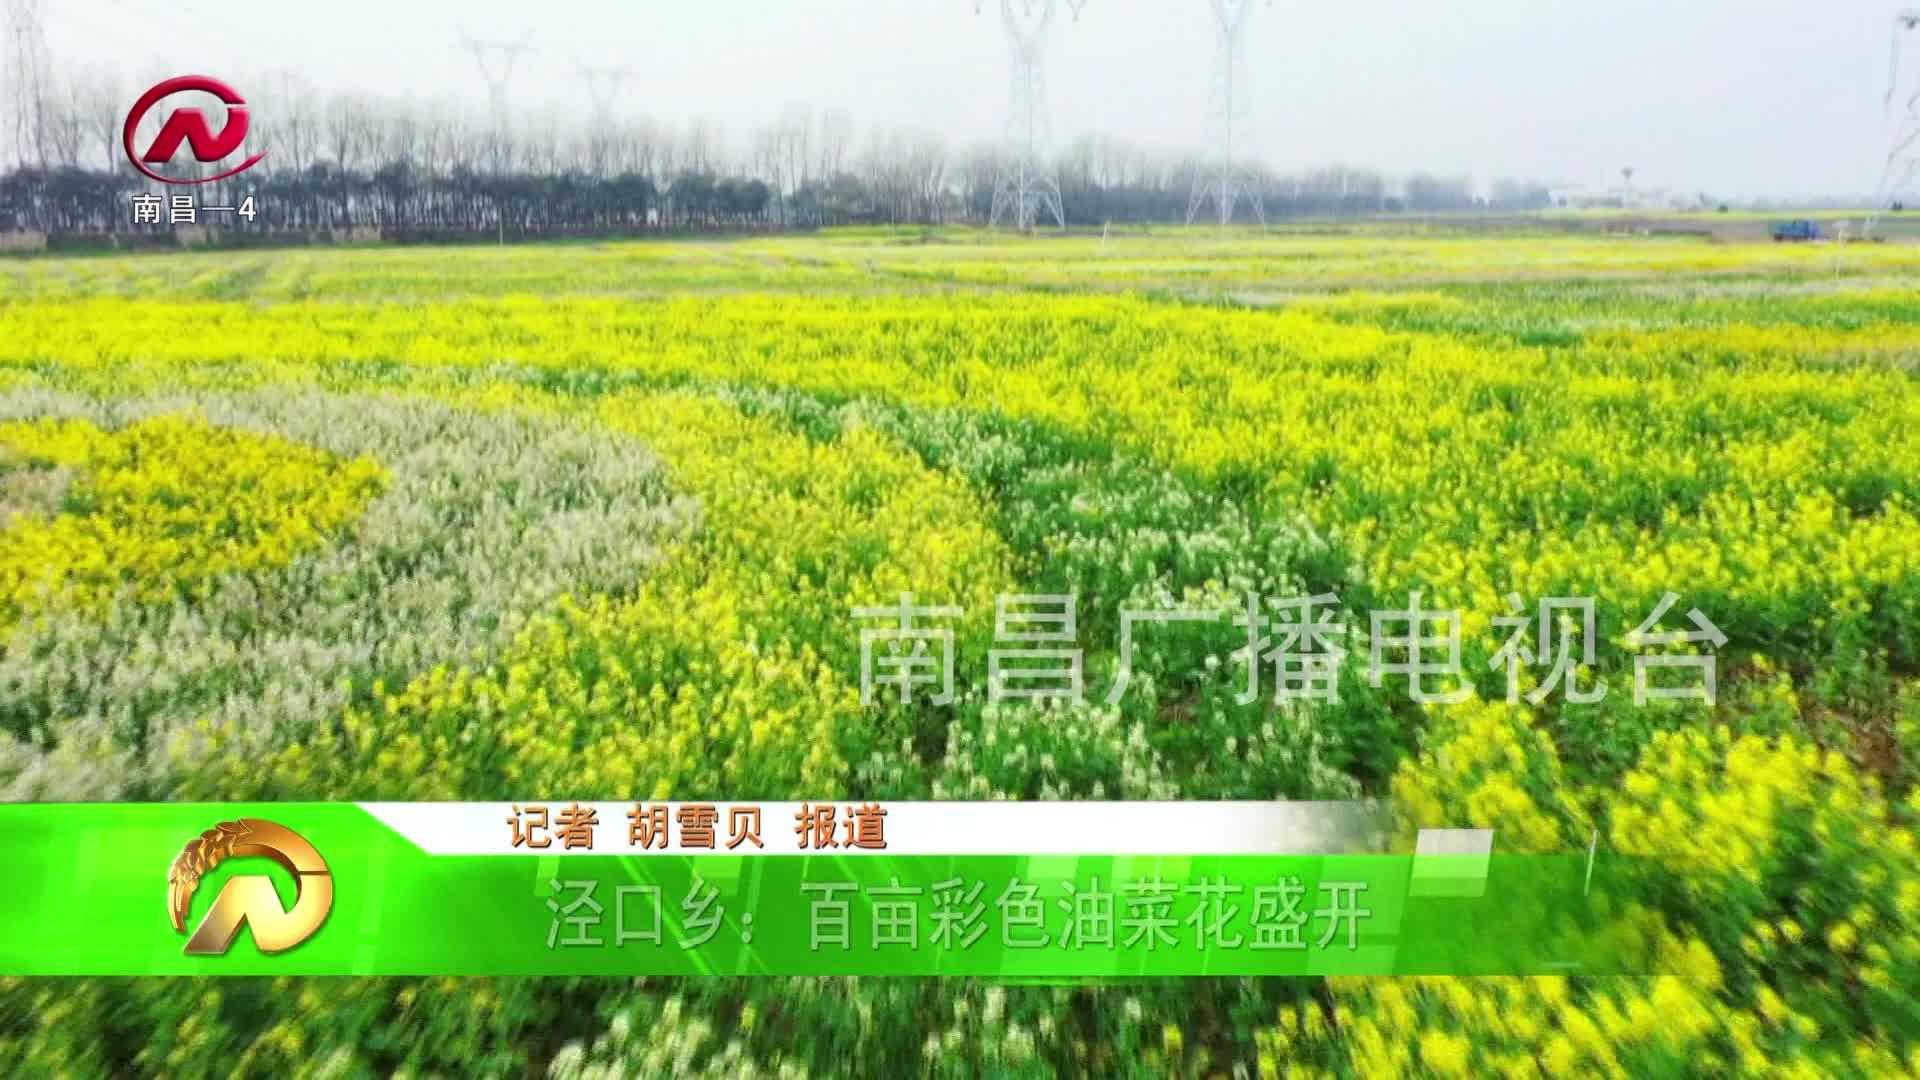 【豫章农视】泾口乡:百亩彩色油菜花盛开